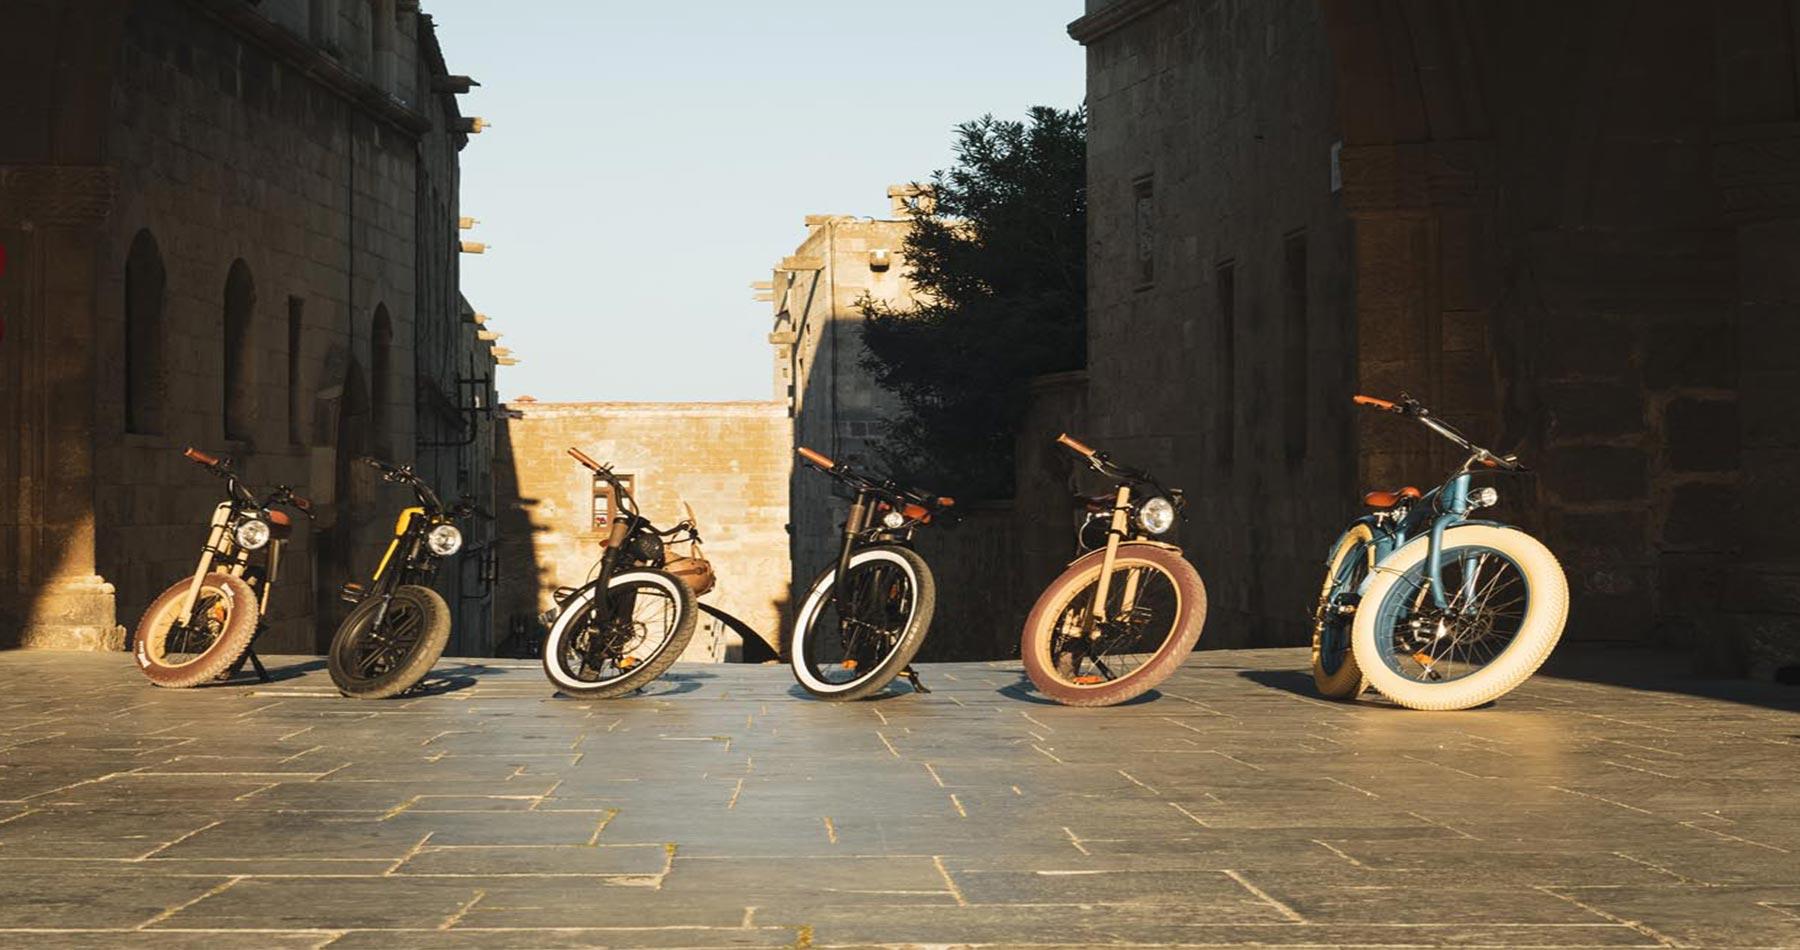 rhodes experiences odix retro bikes 1